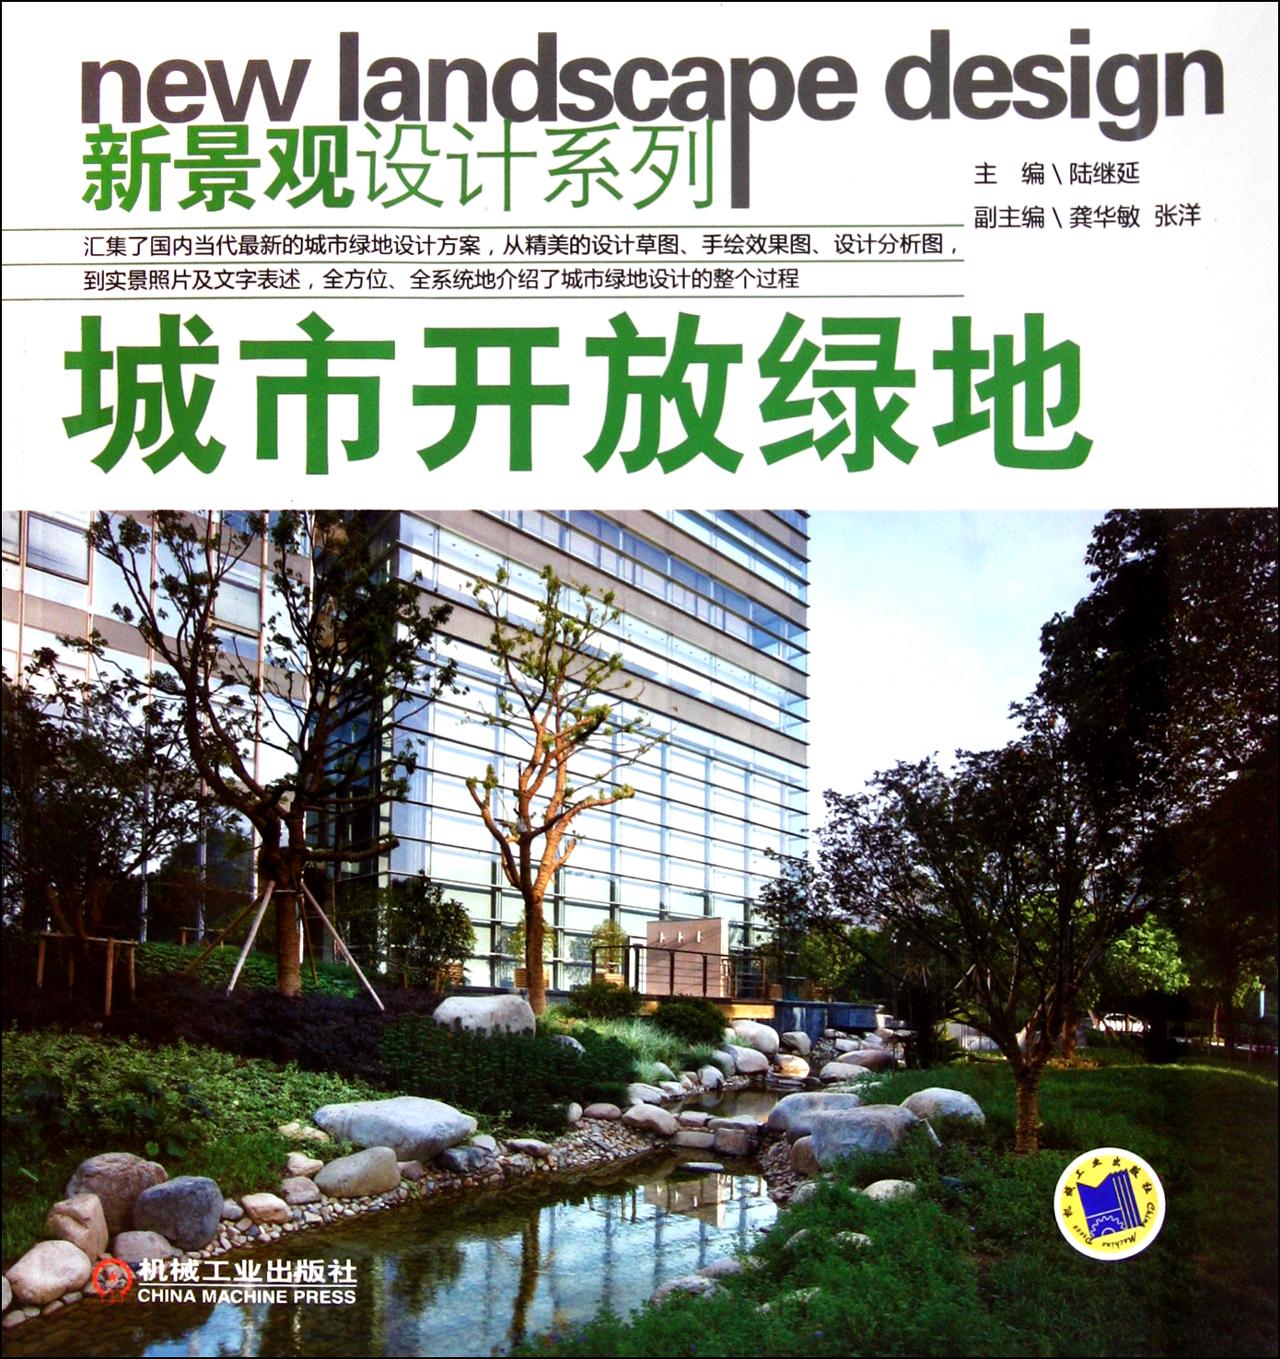 城市开放绿地/新景观设计系列